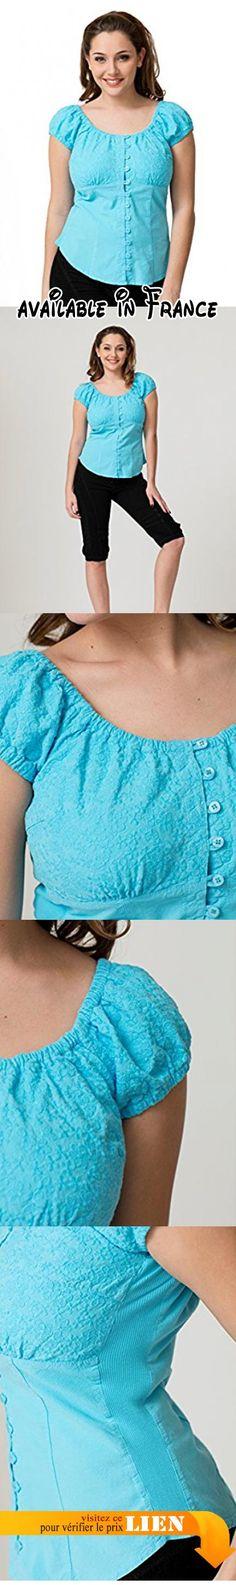 B072Q2HM9T : La Cotonniere - Chemise Pandora 100% Coton Turquoise T3.